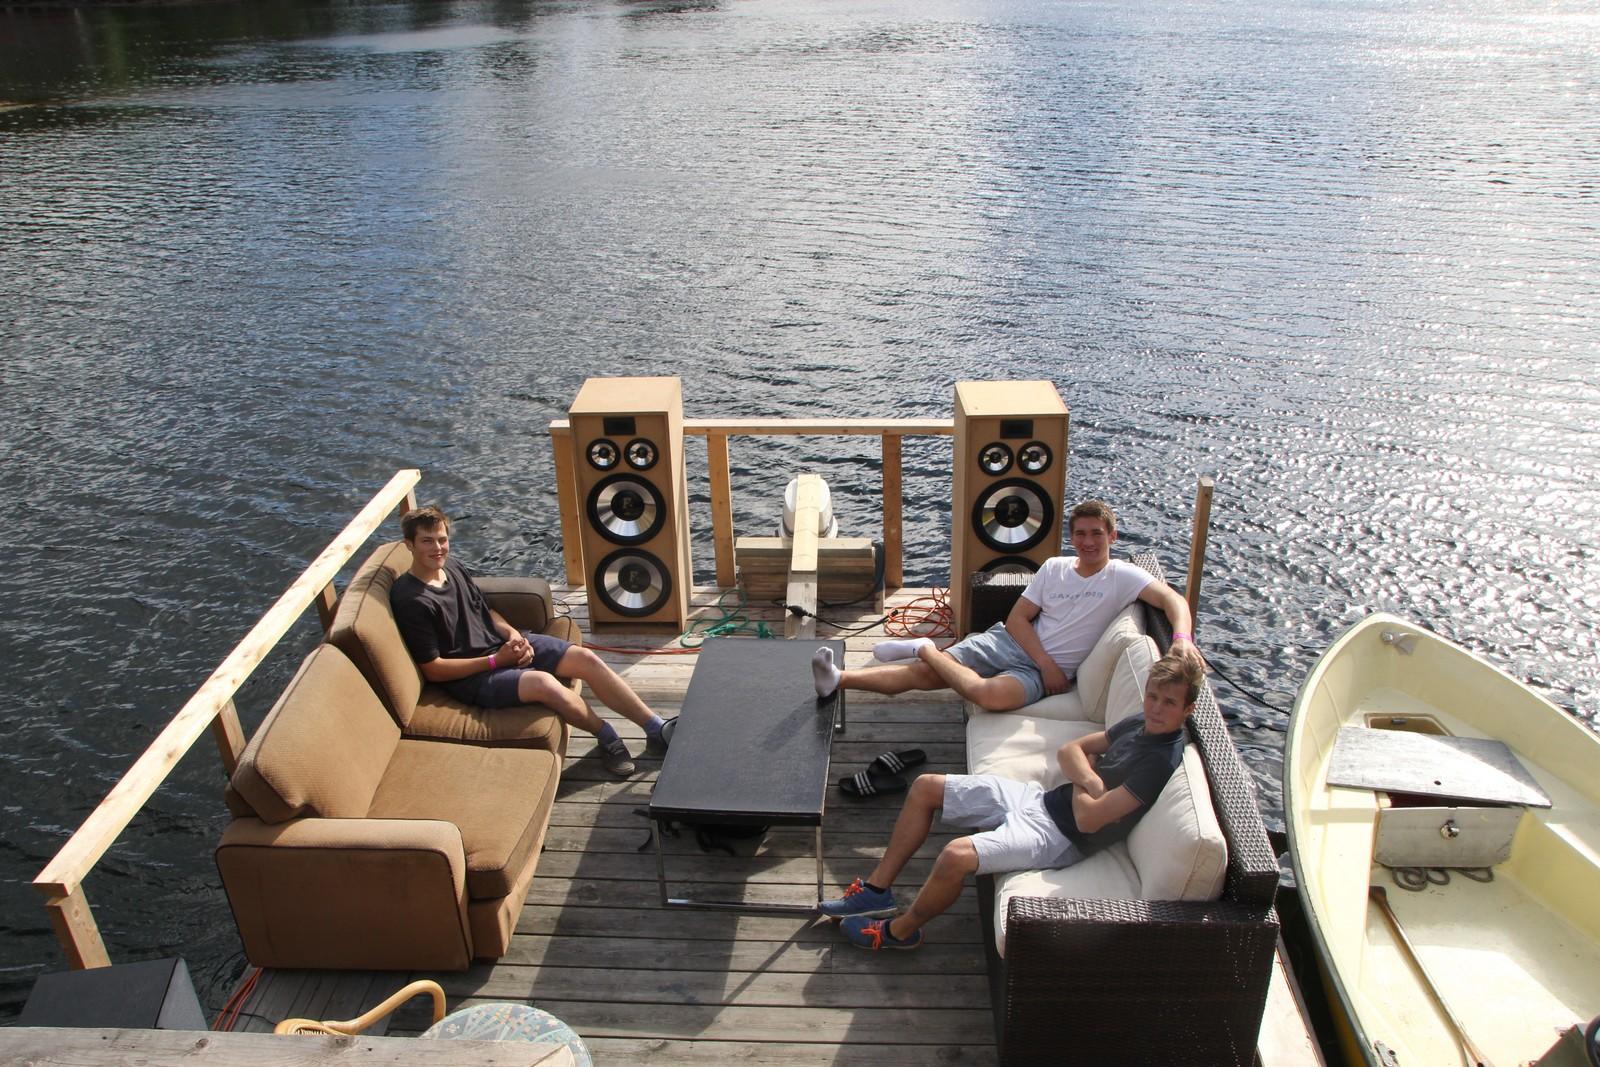 Karsten Johan Govertsen (19), Mathias Bakke (18) og Daniel Tangvall (19) snekret sin egen båt.